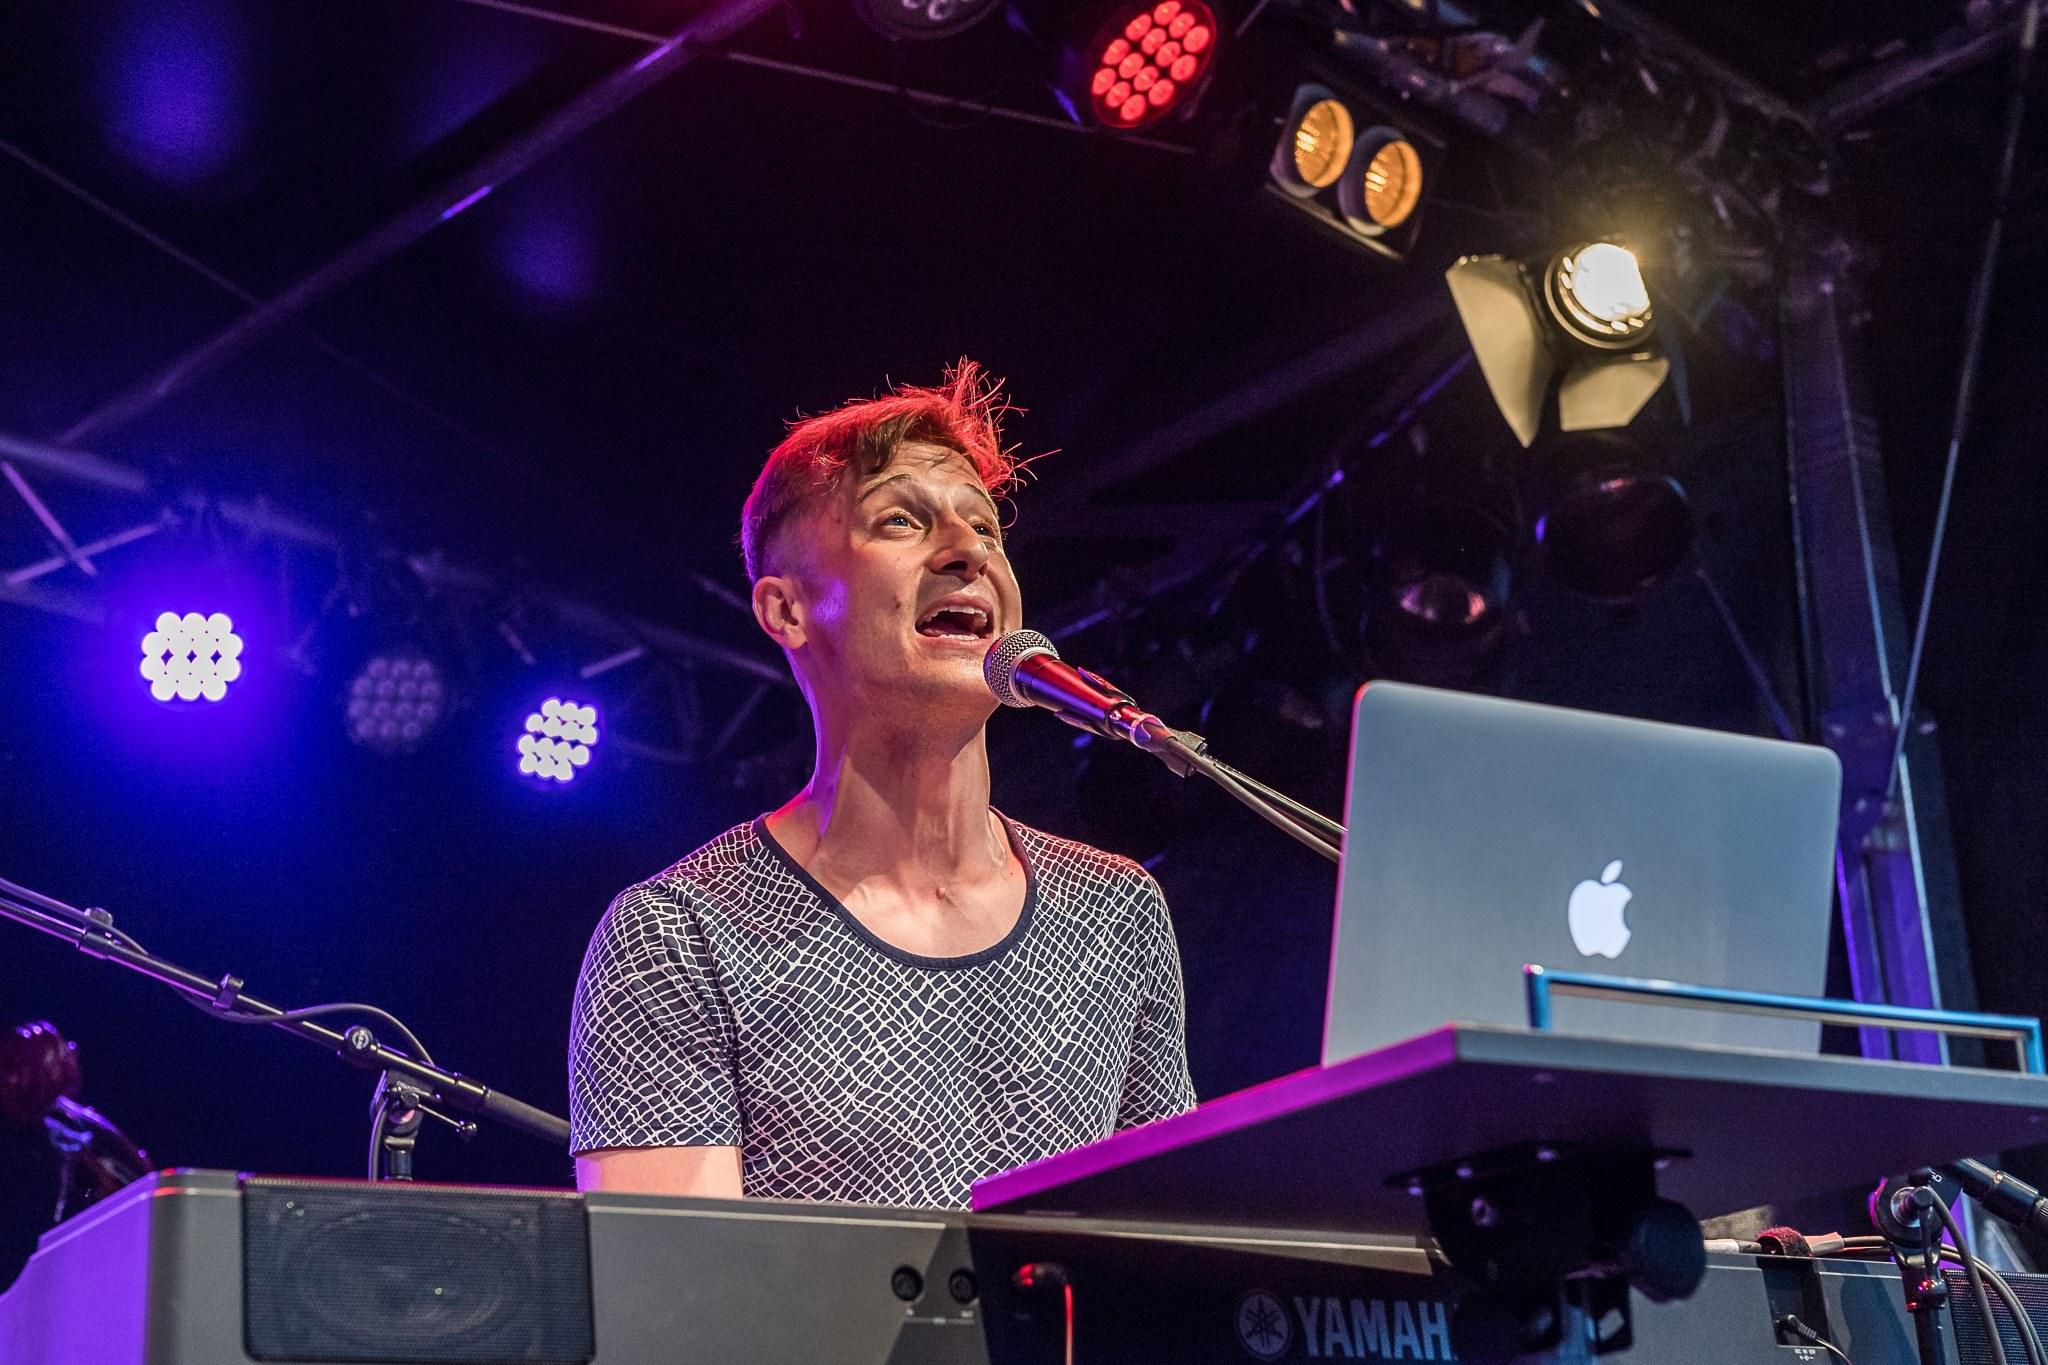 Luzernerfest 2017